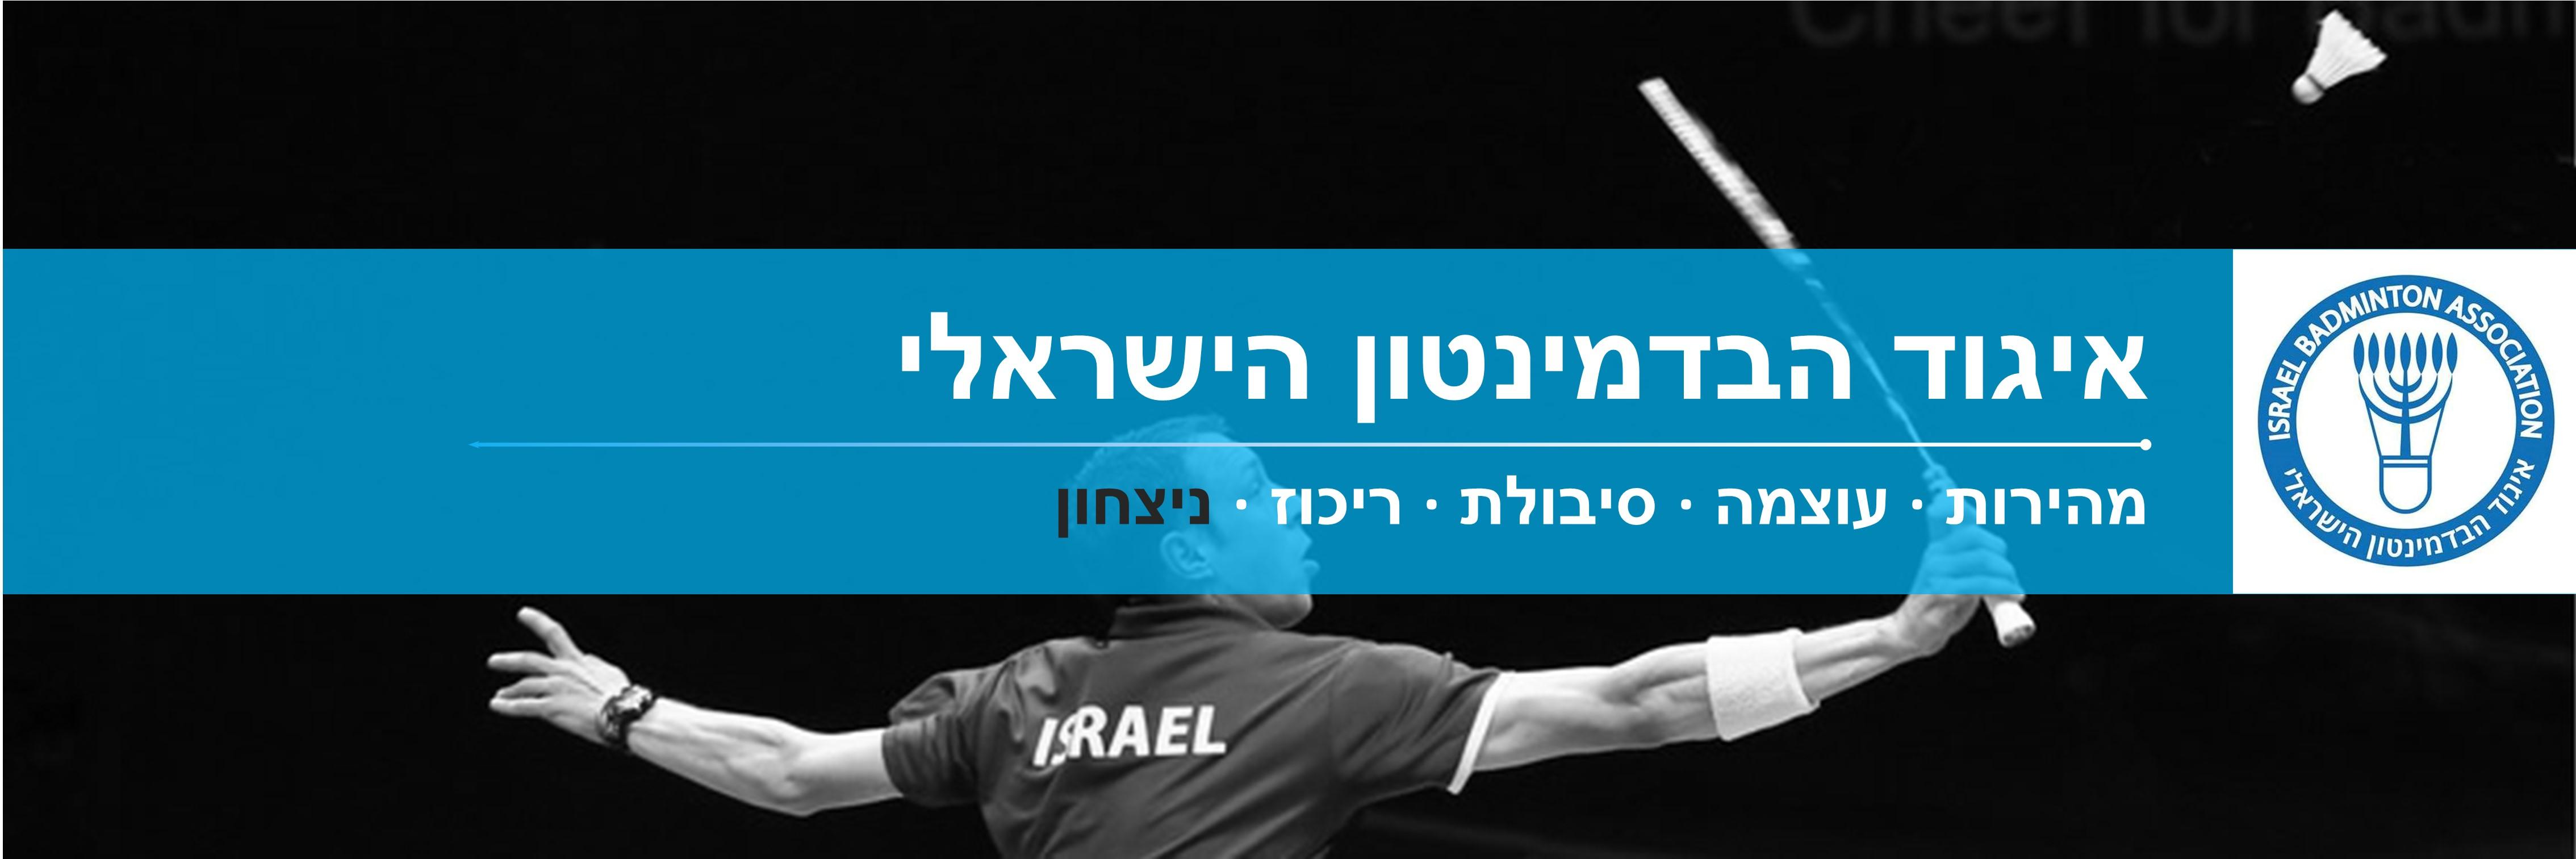 איגוד הבדמינטון הישראלי